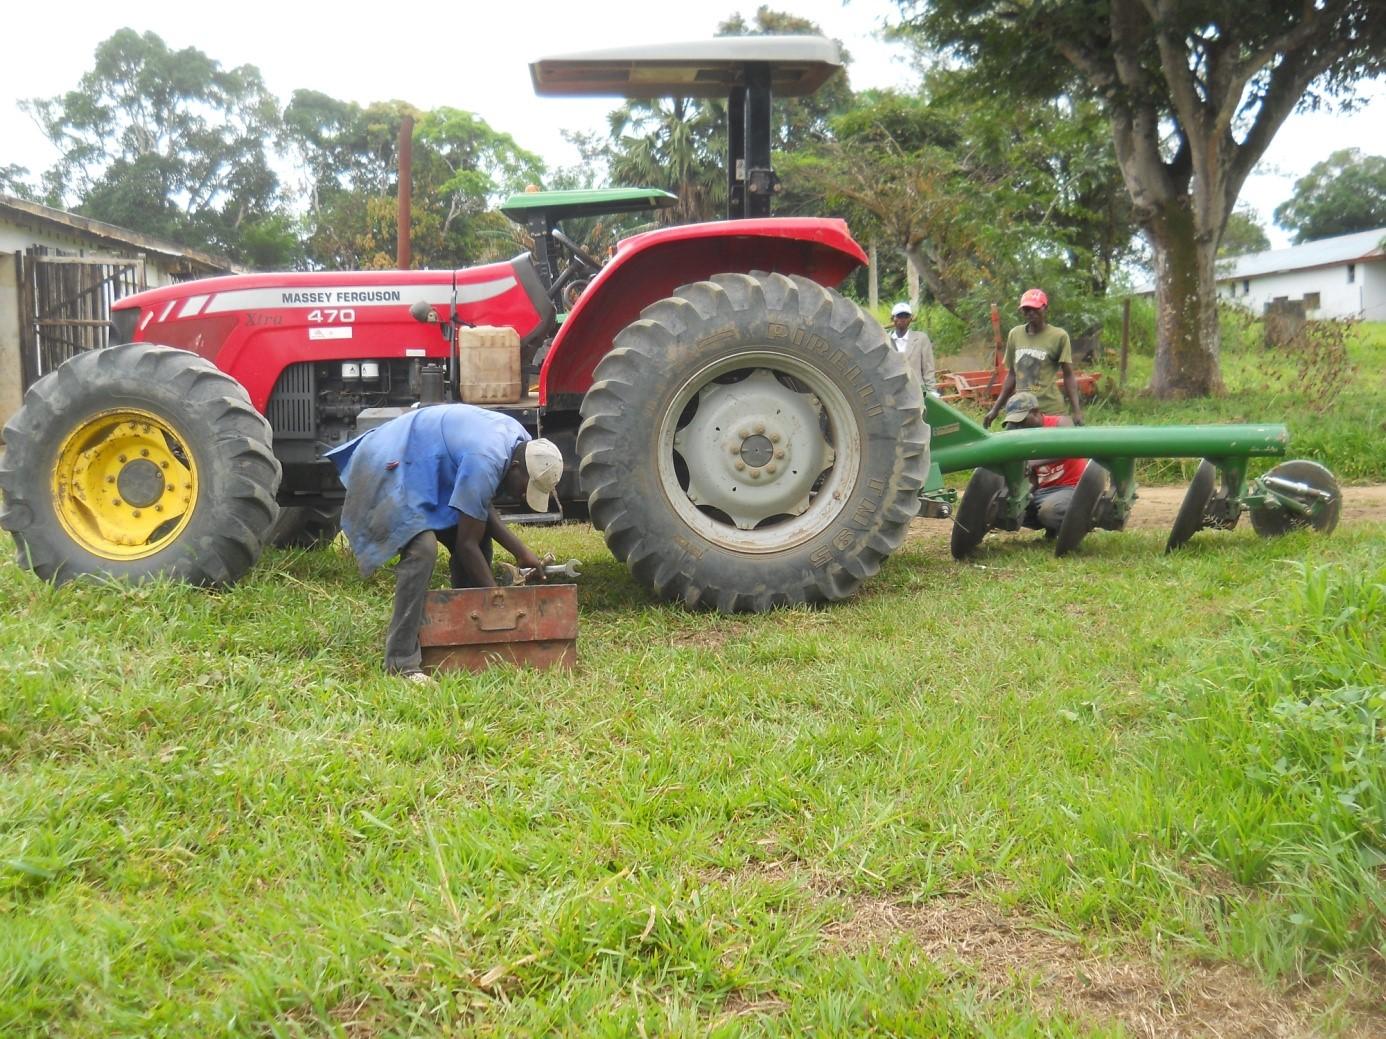 Etre Conducteur d'engins agricoles, c'est exercer un métier !